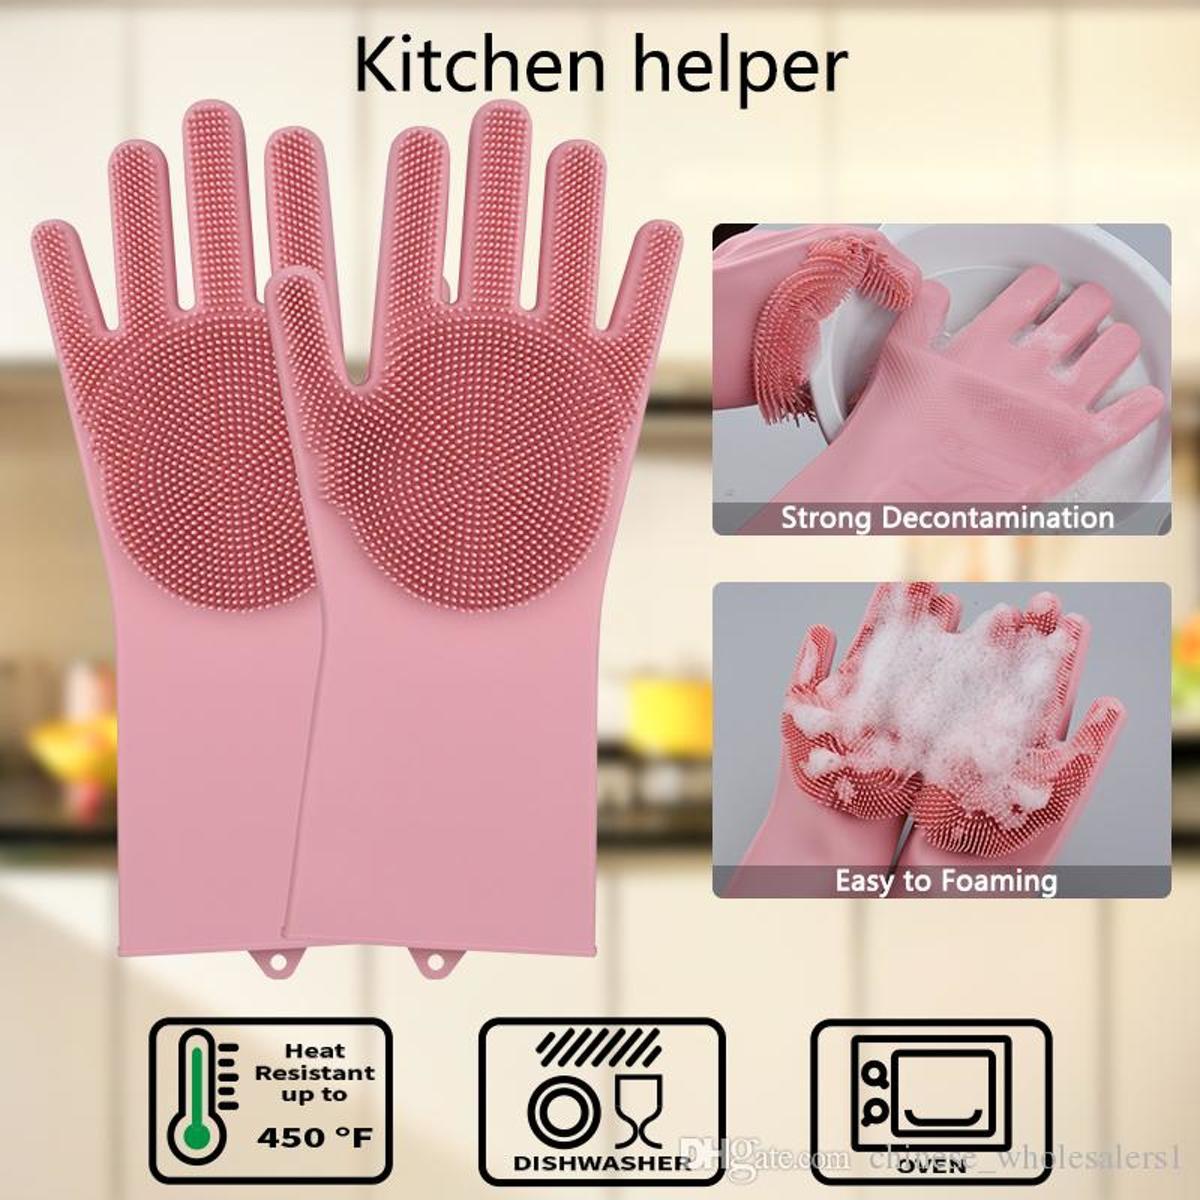 2in1 Magic Siliconen Rubberen Schoonmaak Handschoenen Met Spons - Afstoffen , Afwas , Auto Keuken schoonmaakhandschoenen met ingebouwde Borstel- Roze kopen